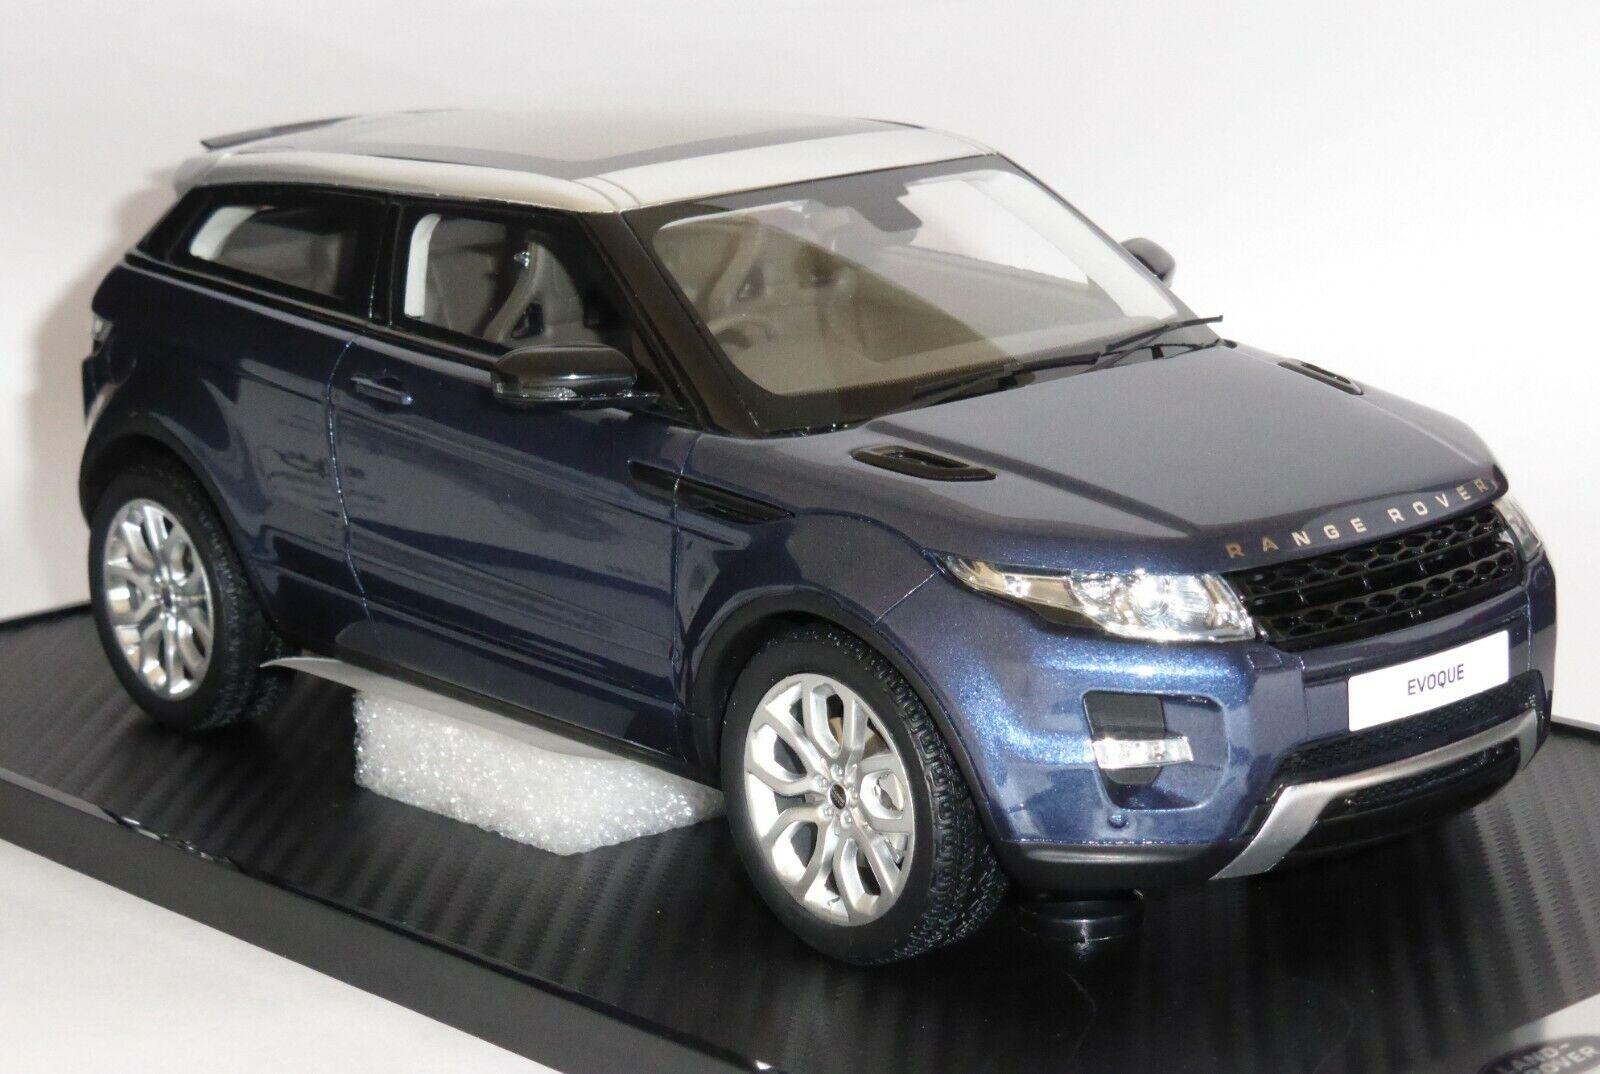 Range Rover font Baltic Bleu Résine  Collectionneurs modèle échelle 1 18 lrdrebb 118 G  différentes tailles